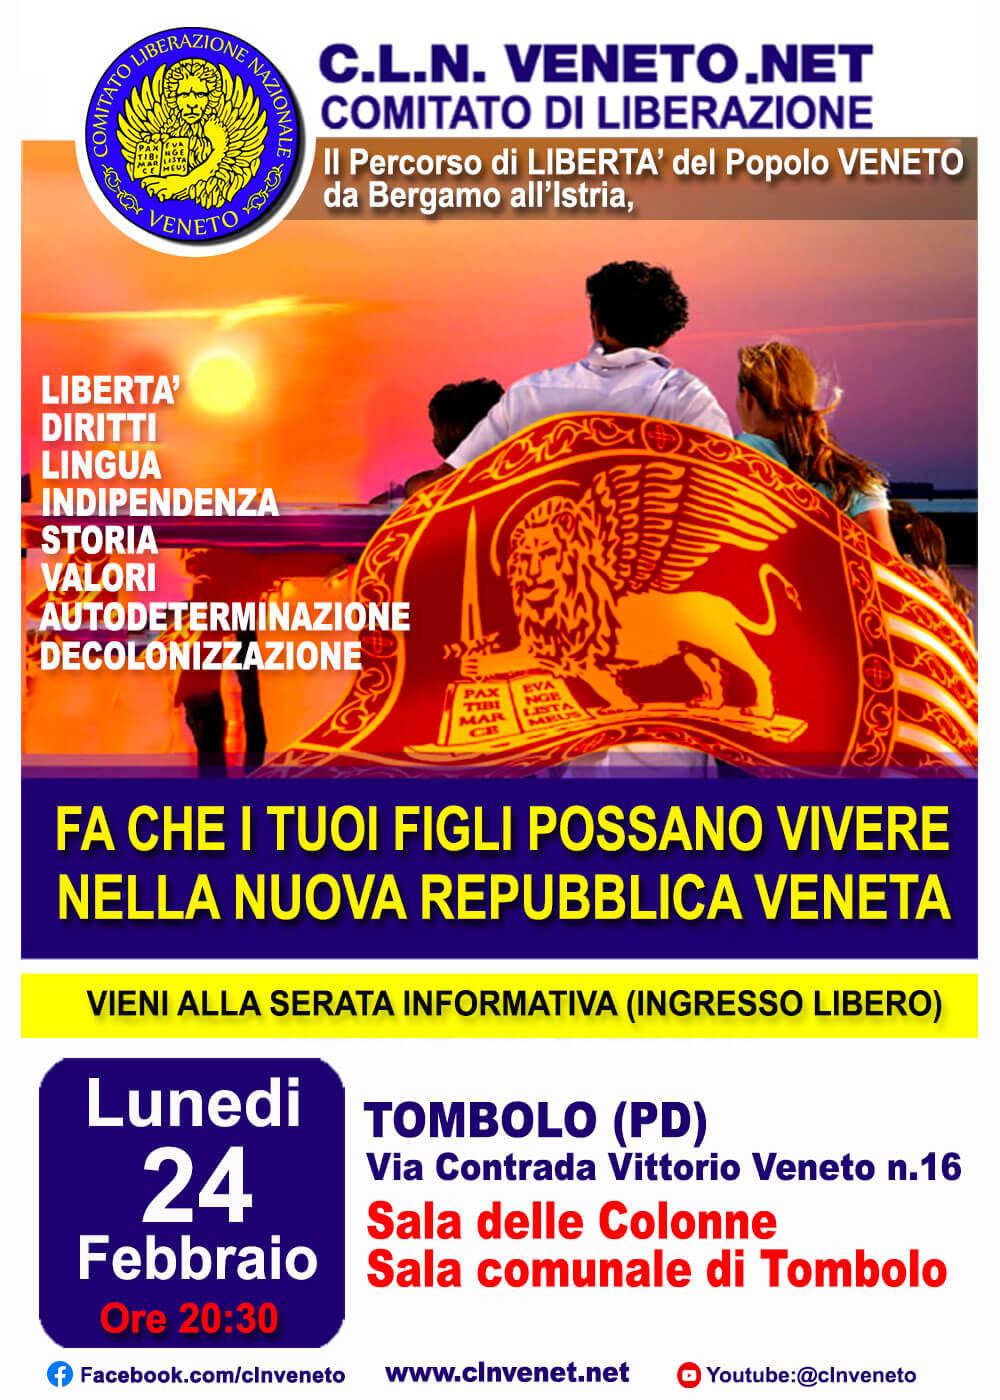 COMUNE DI TOMBOLO (PD) @ Sala comunale di Tombolo - Via Contrada Vittorio Veneto n.16 - Tombolo (PD)